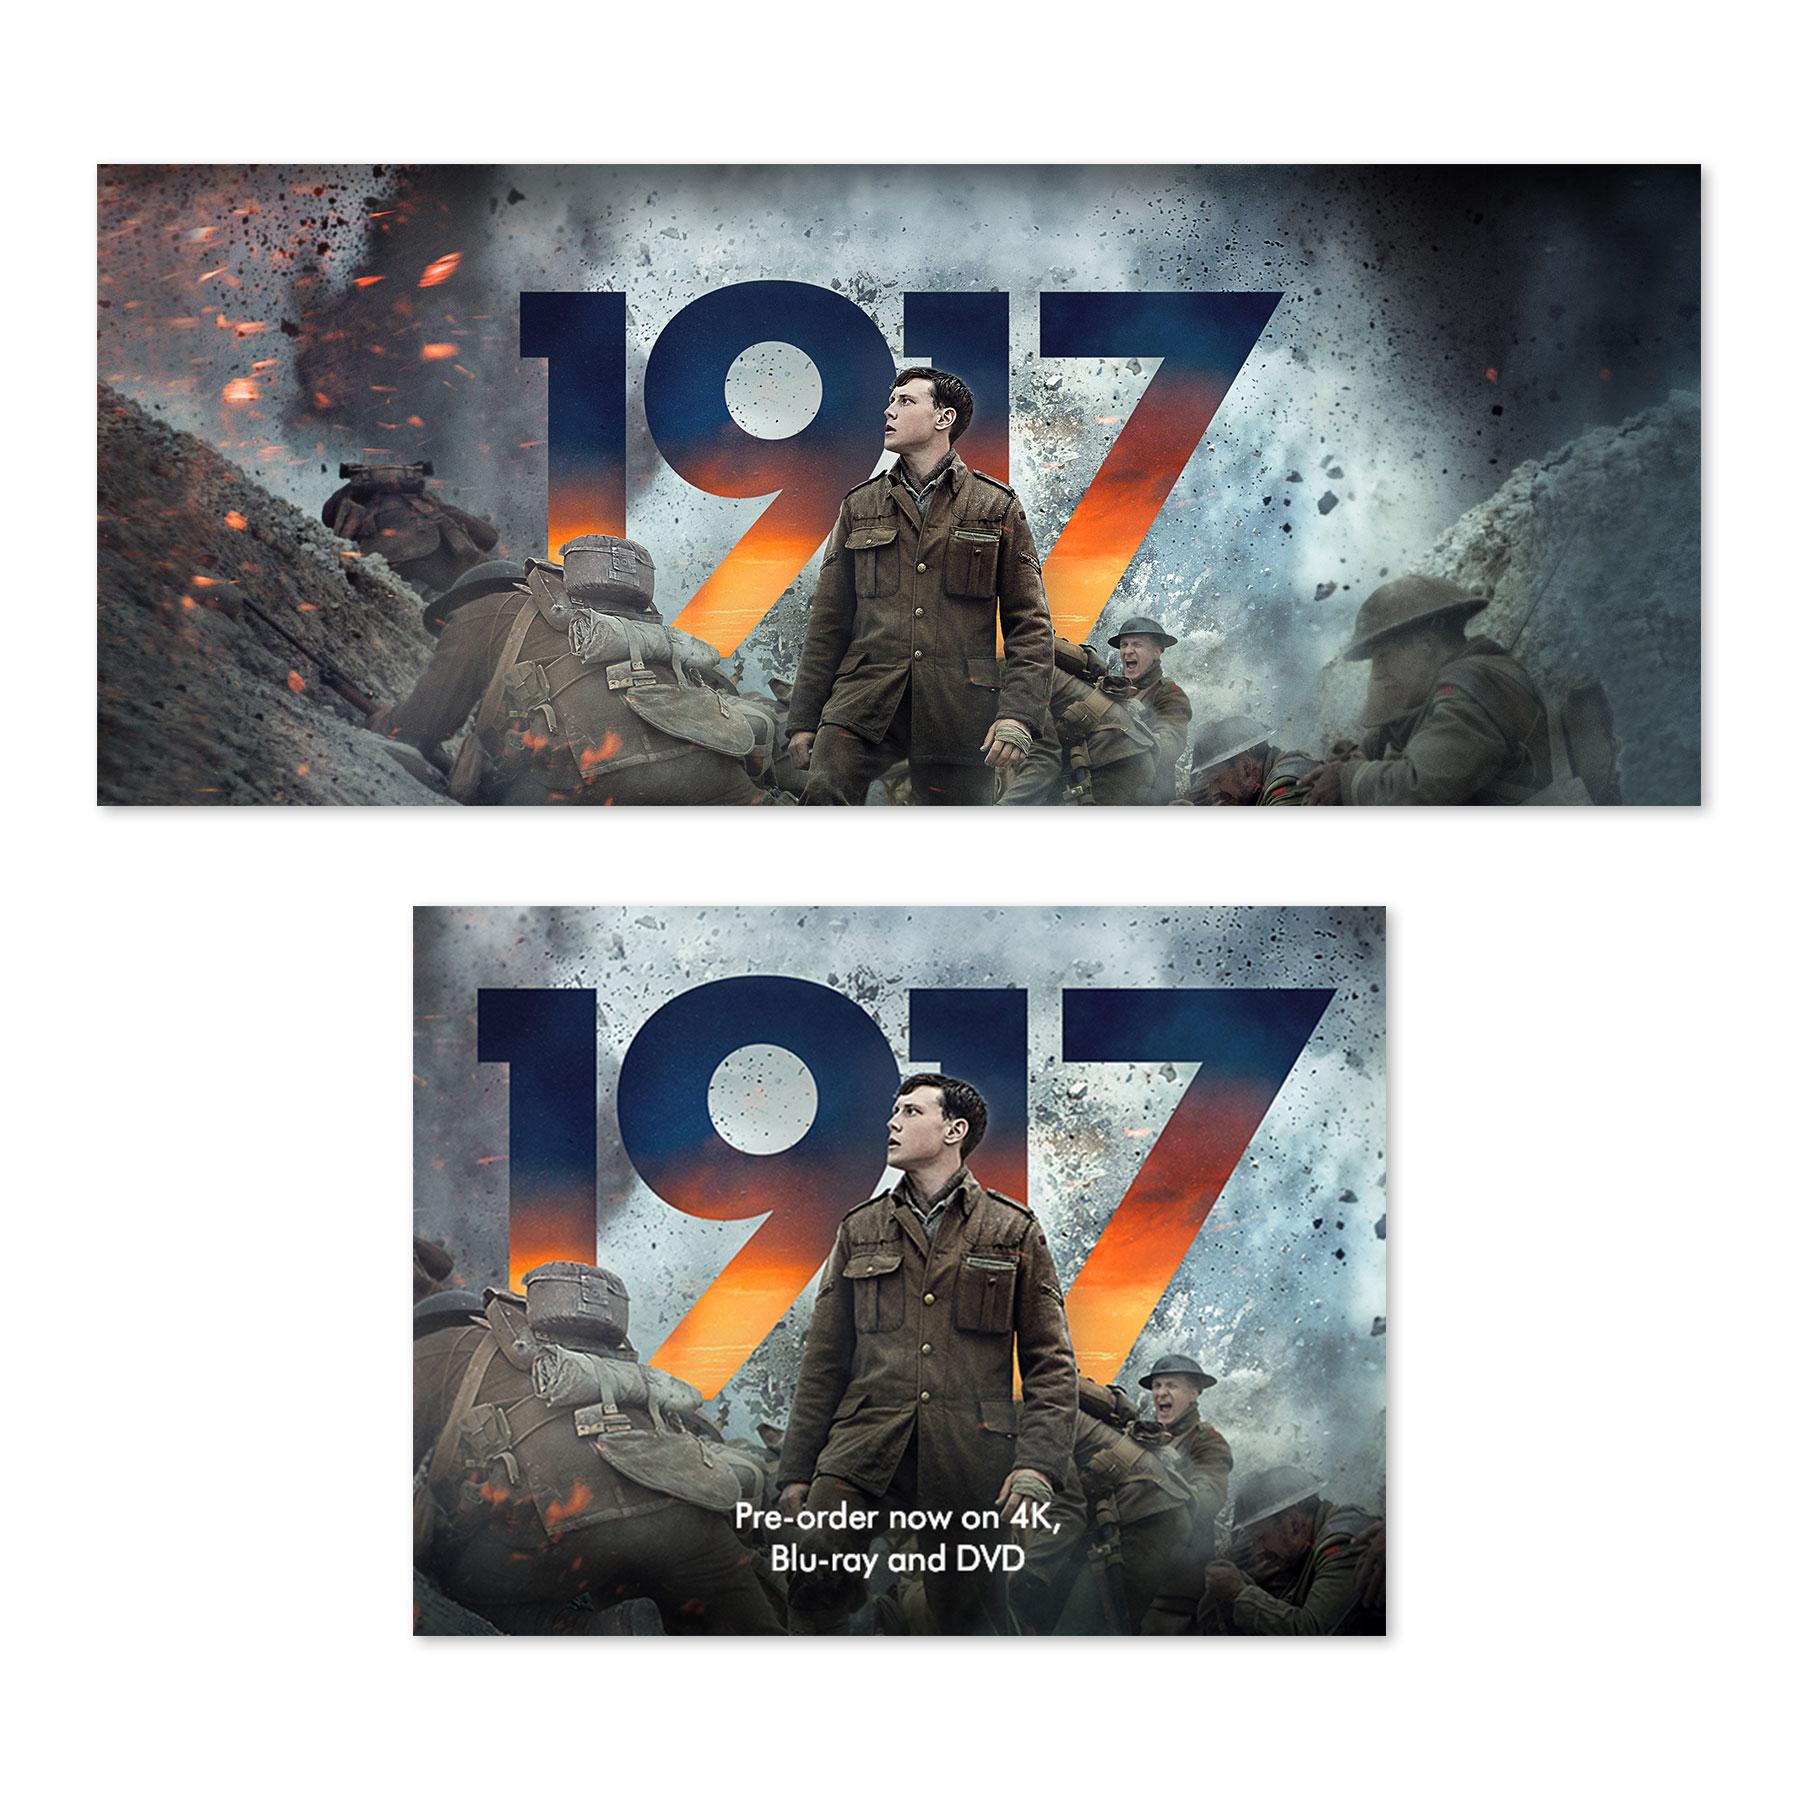 1917 Amazon Digital Banners